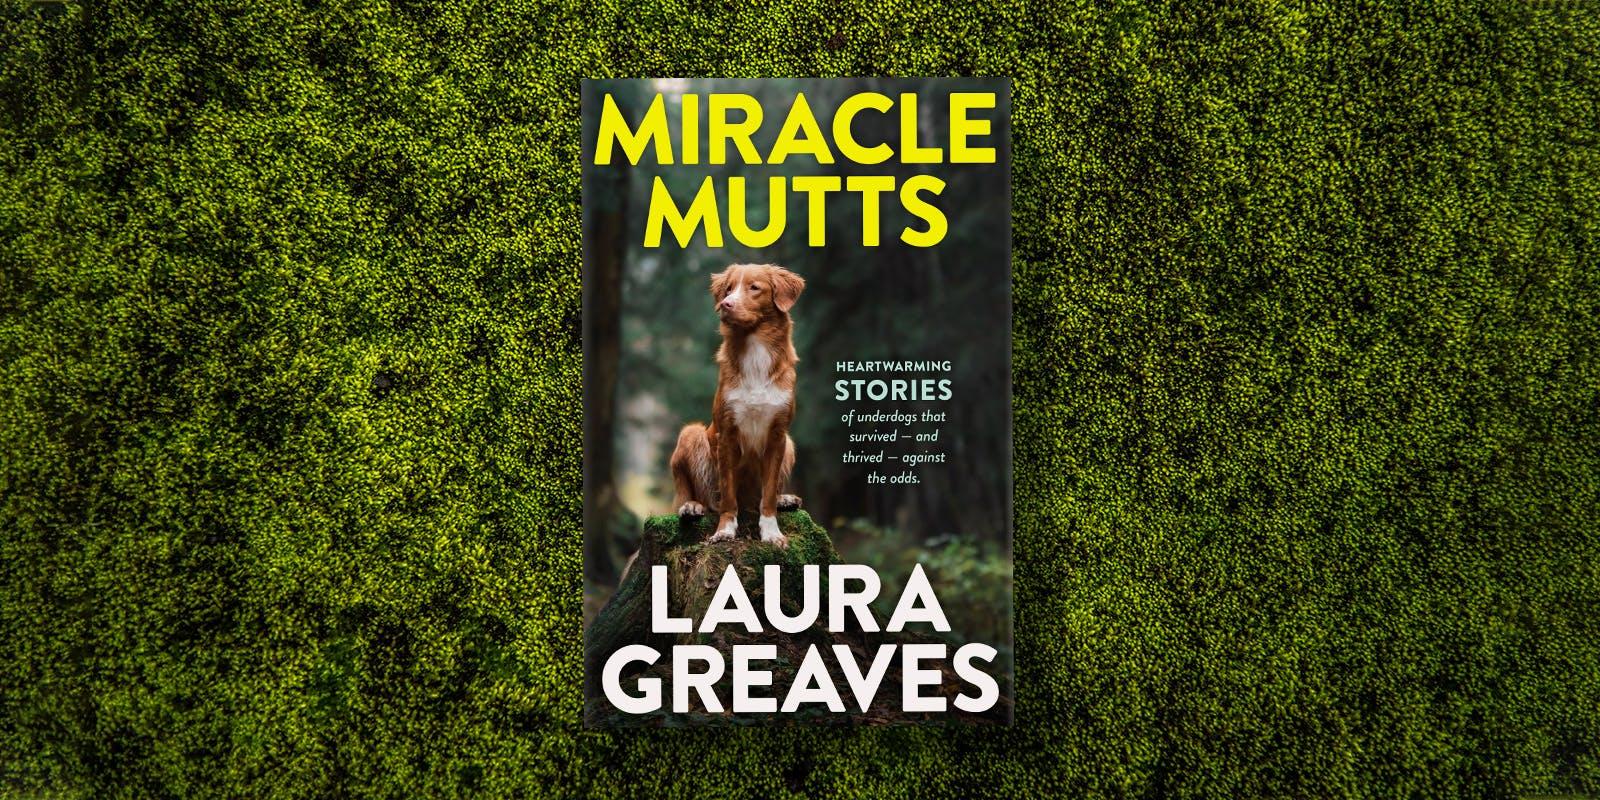 Meet Miracle Mutt Fergus